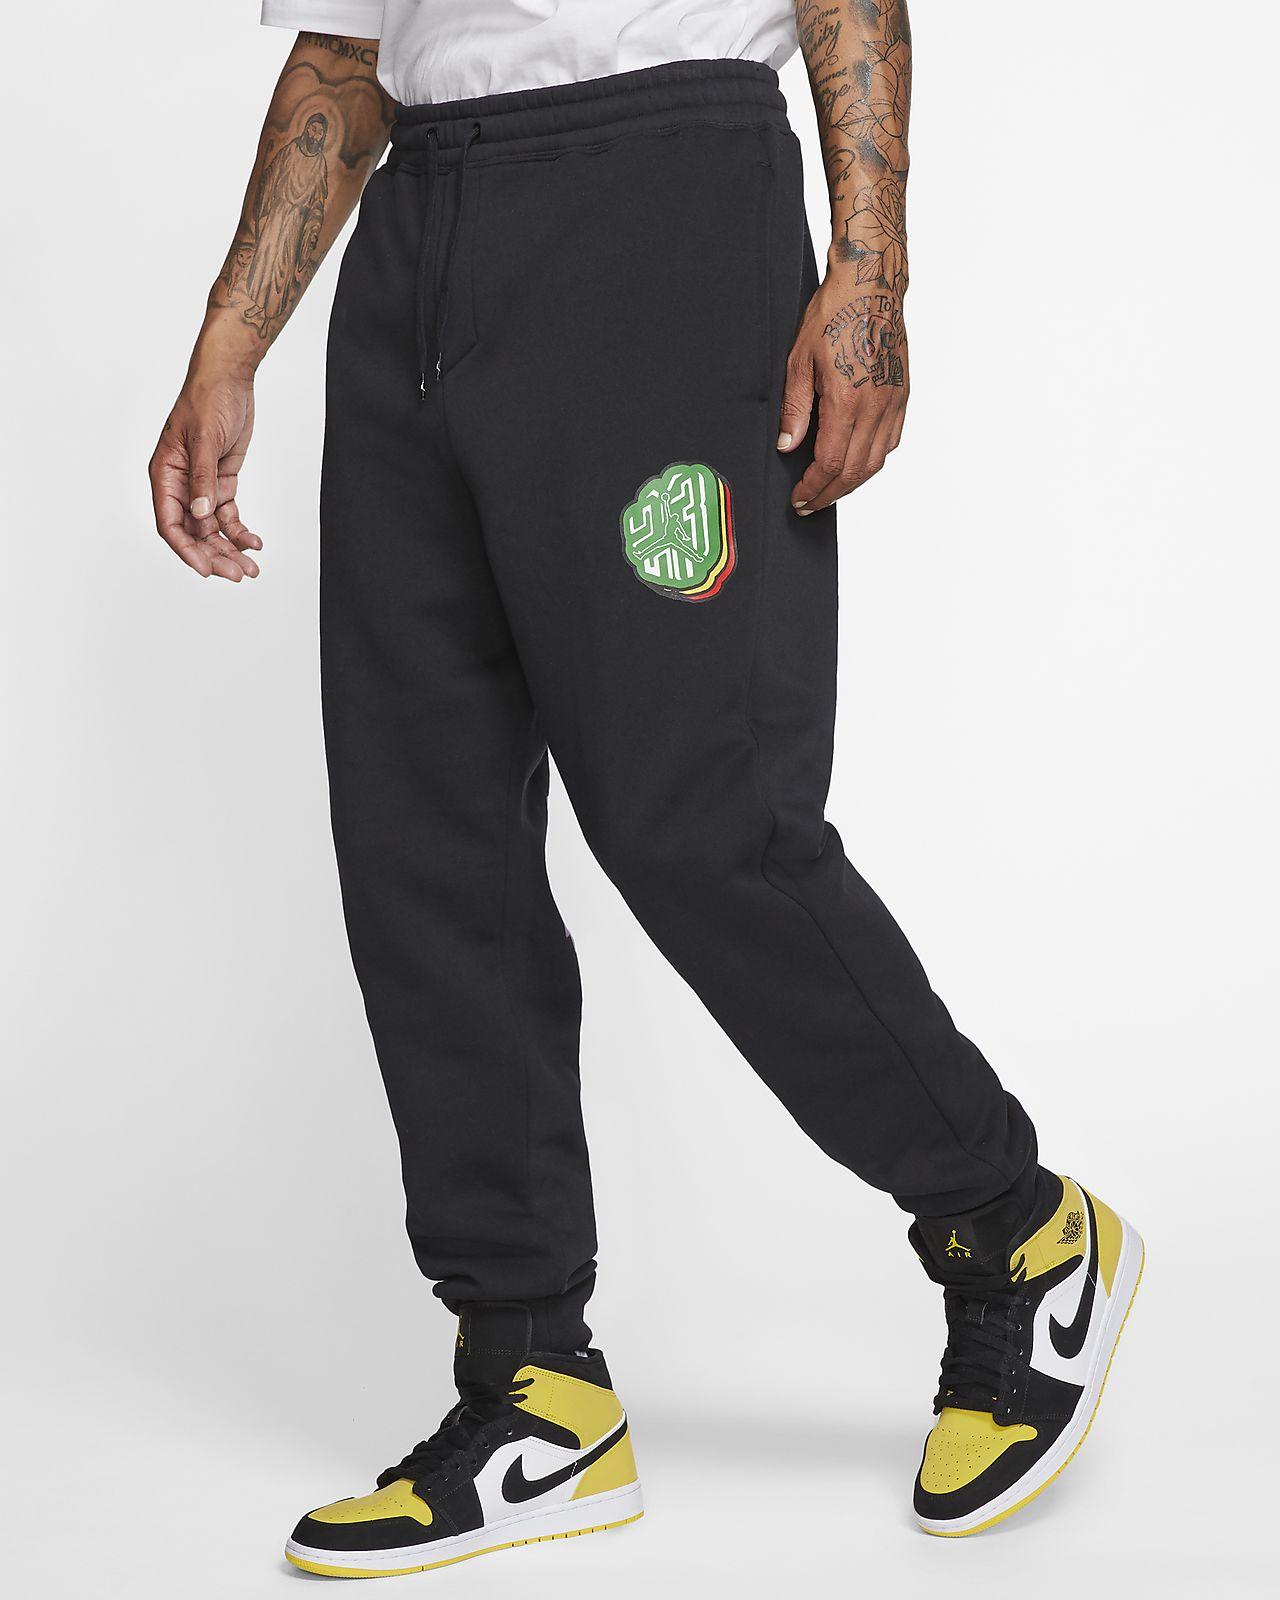 nike jordan uomo pantaloni